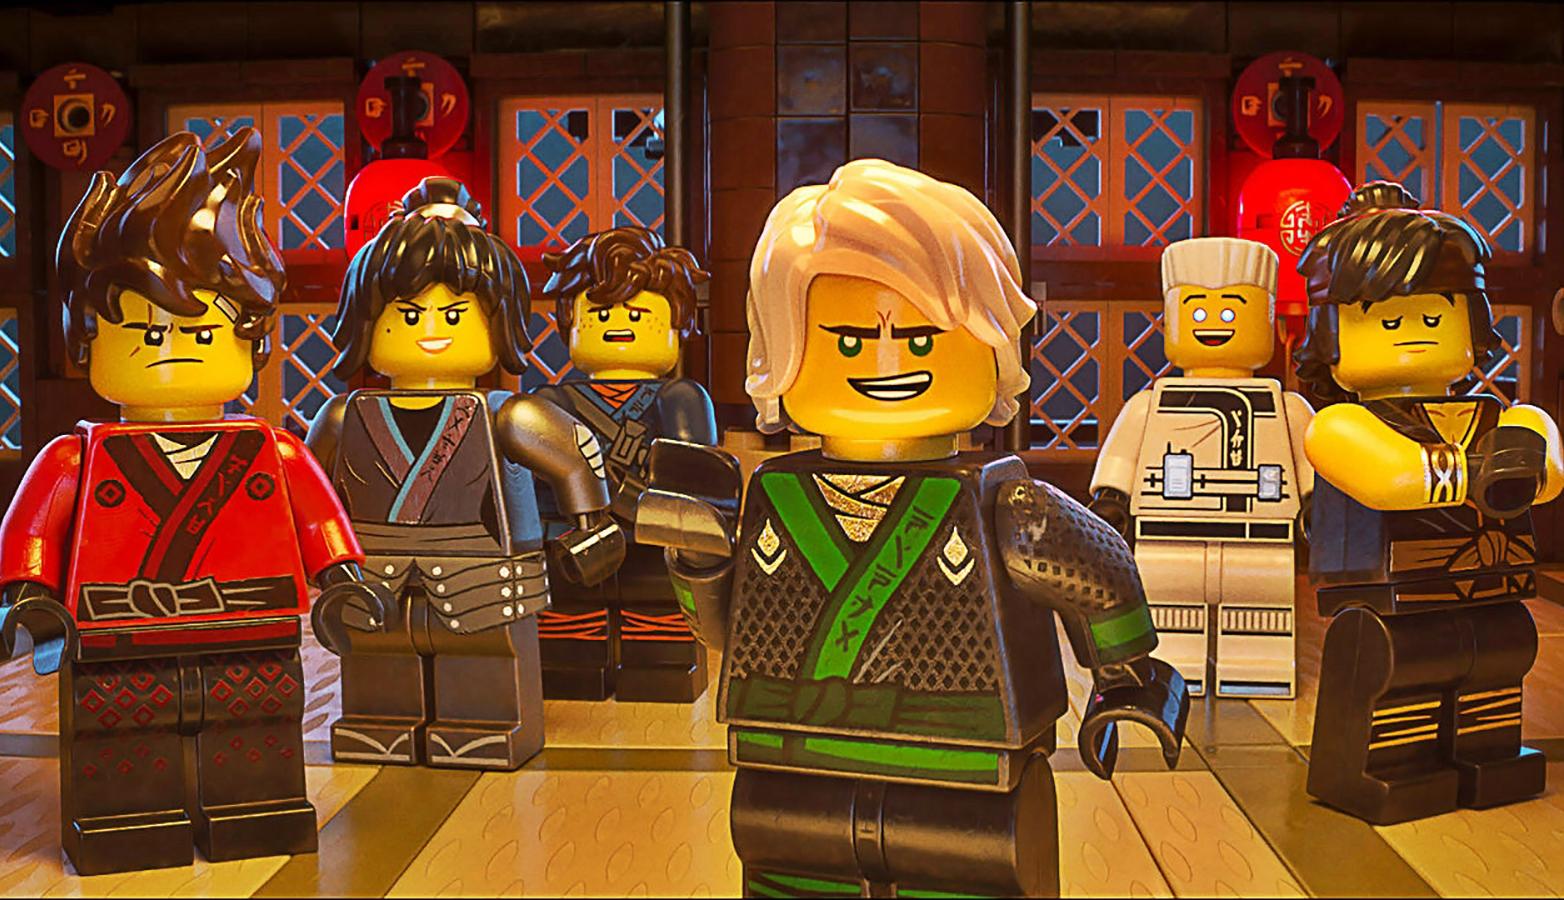 ۵ نکتهای که باید درباره The Lego Ninjago Movie بدانید